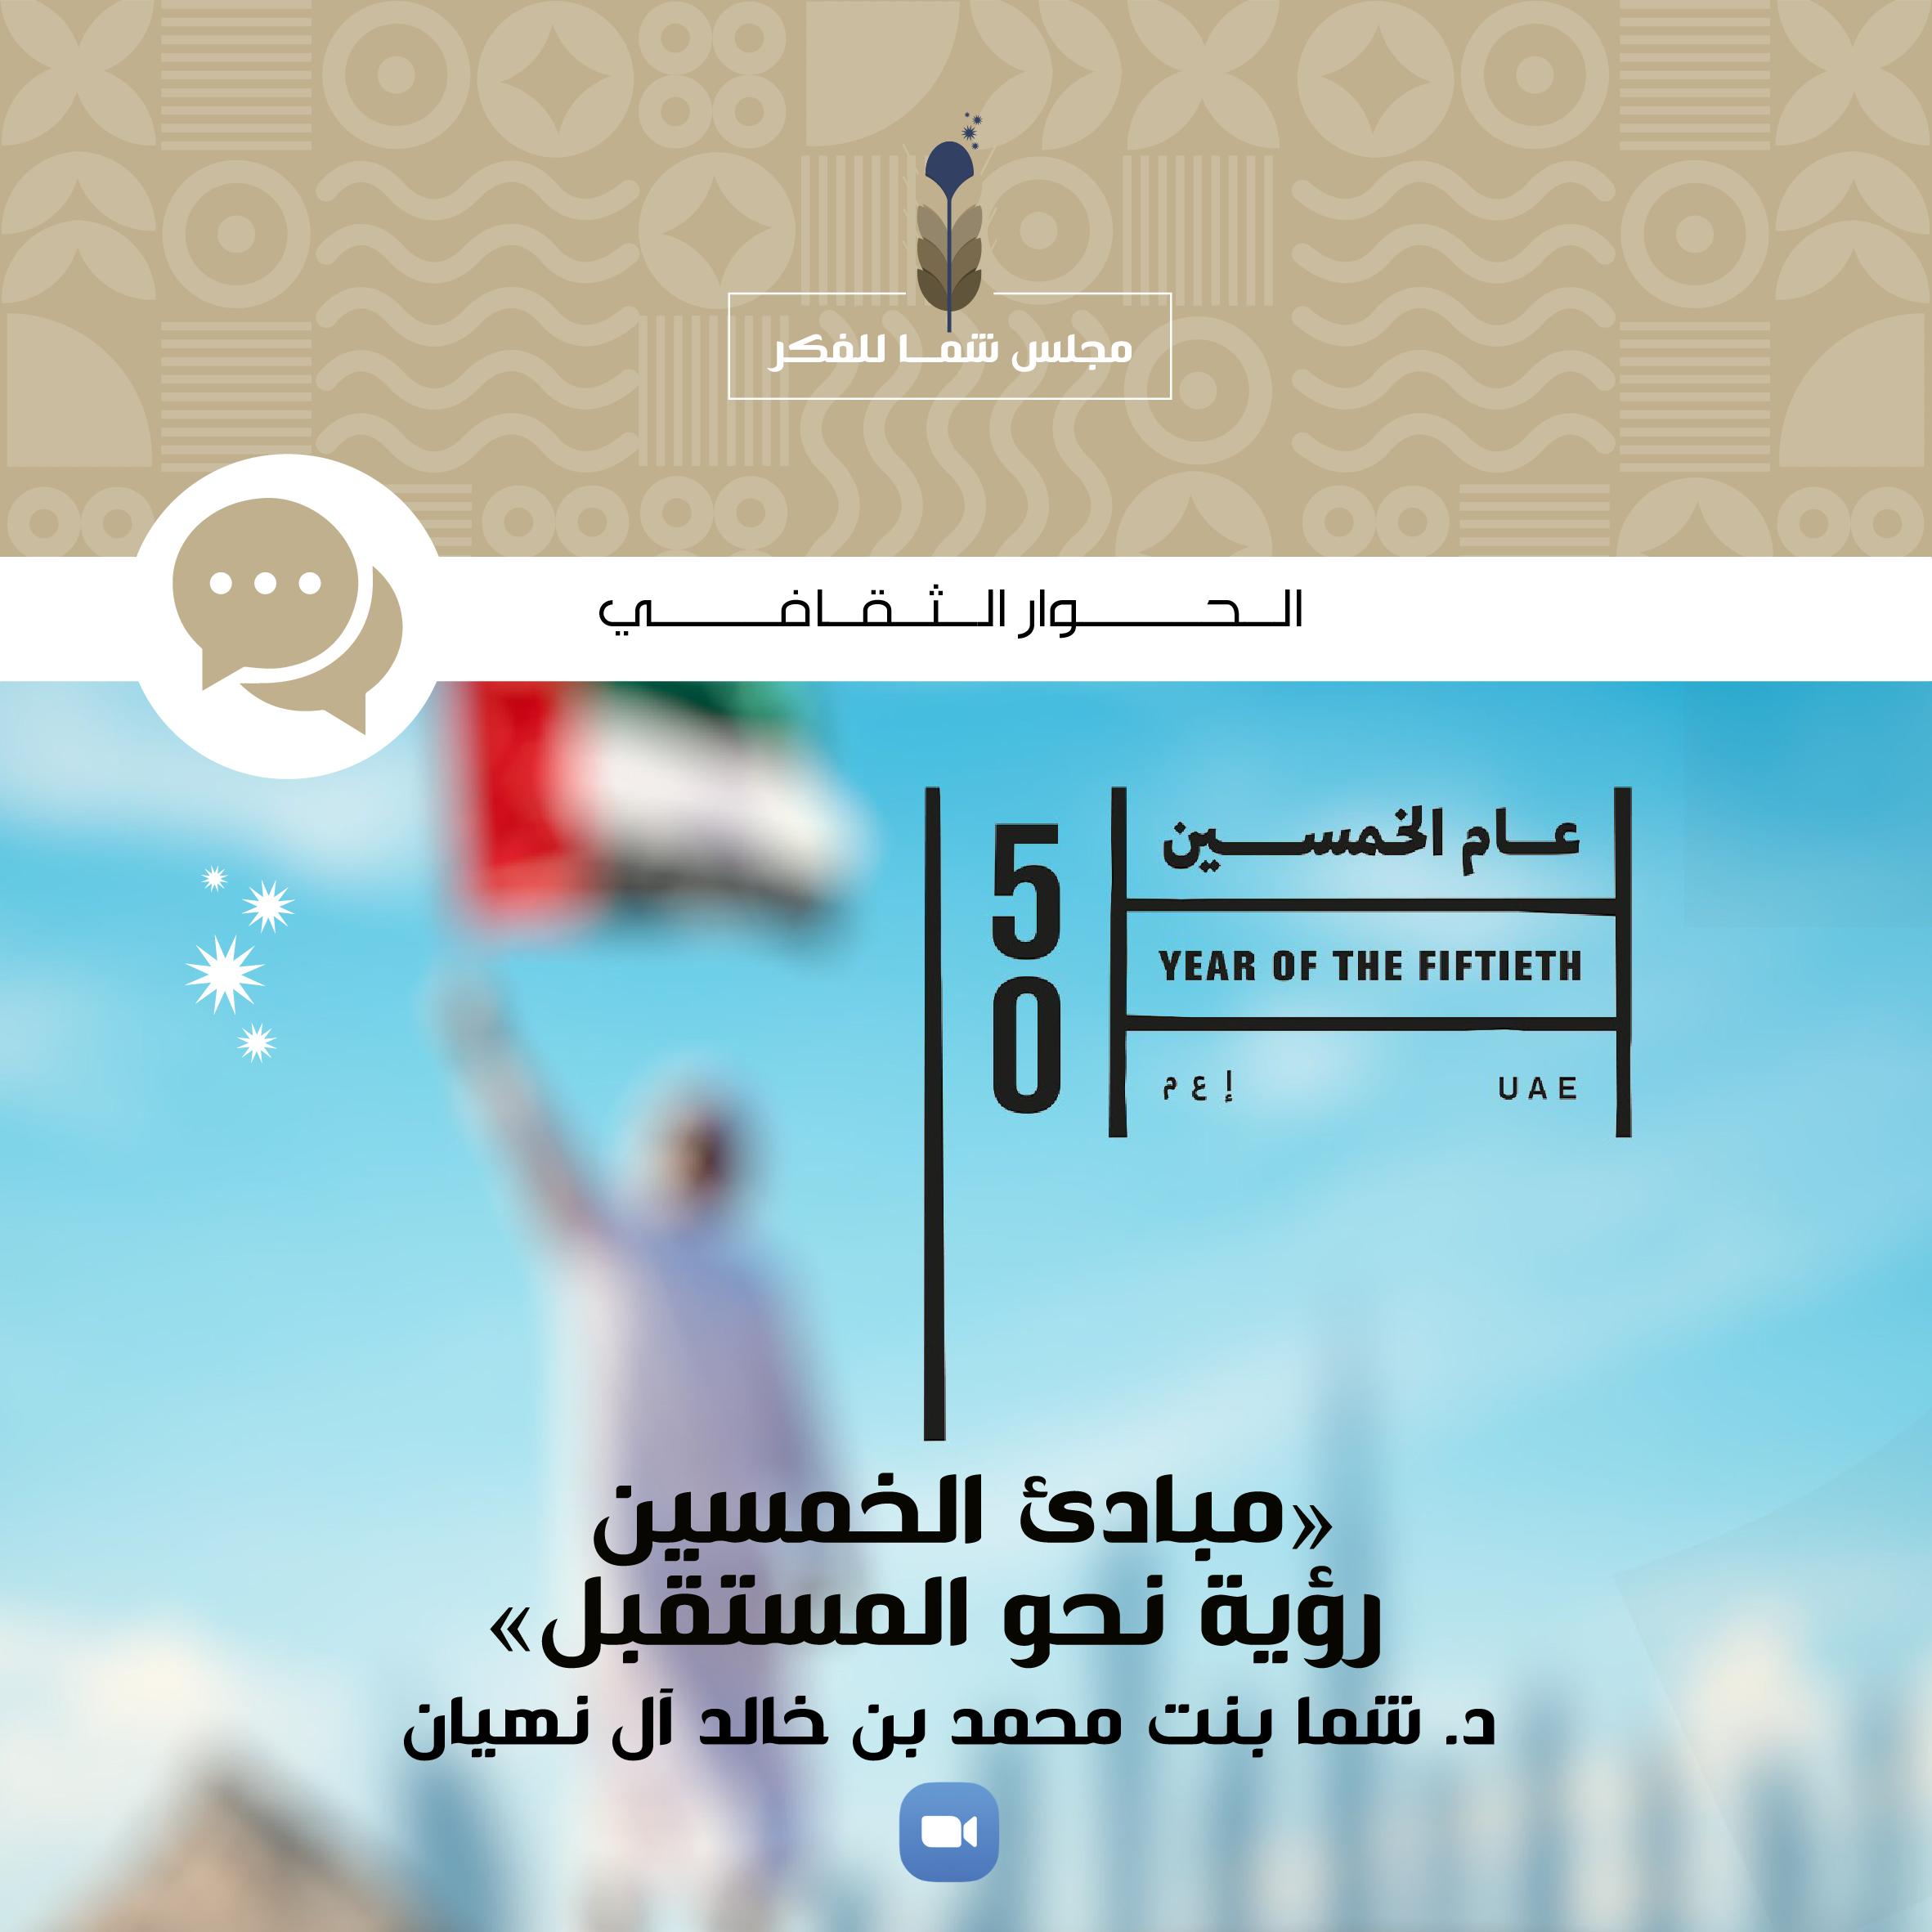 مجلس شما محمد للفكر والمعرفة يناقش وثيقة مبادئ الخمسين